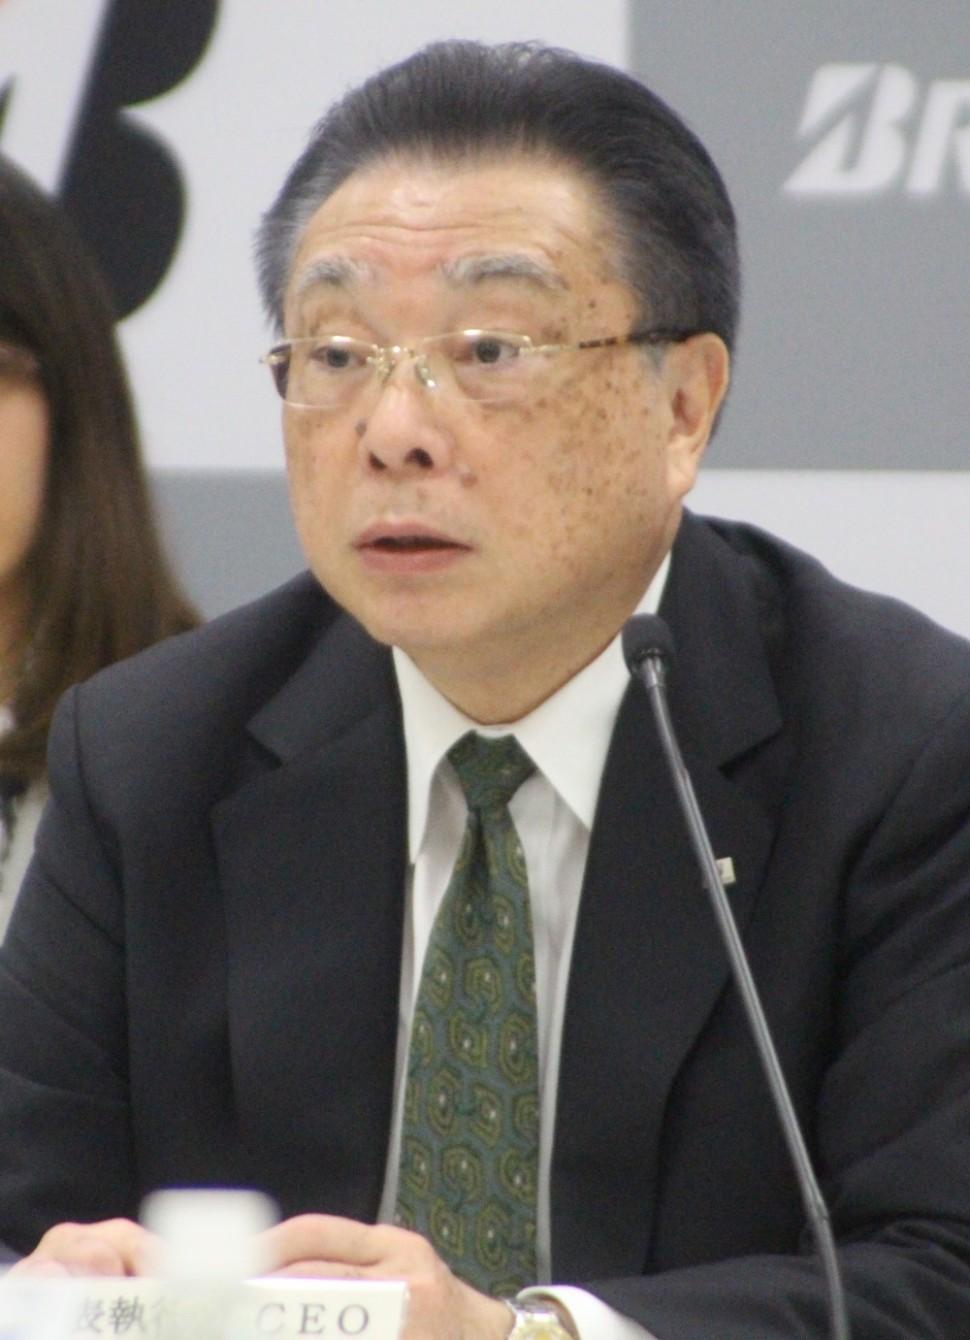 記者の質問に答える津谷CEO